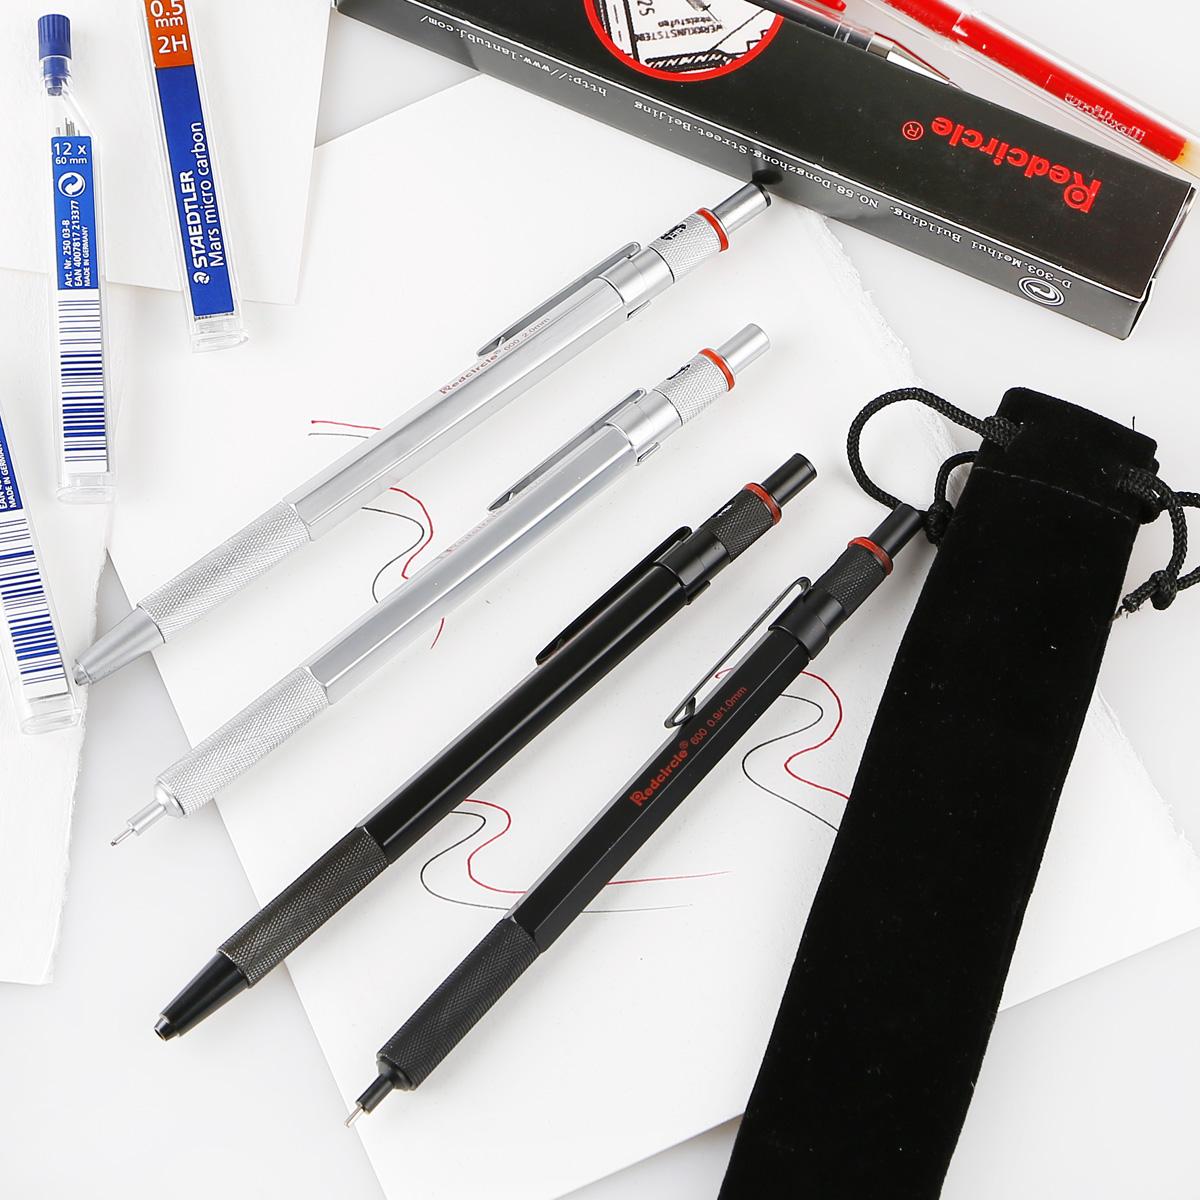 國產紅環600自動鉛筆 全金屬活動鉛筆0.5mm 製圖鉛筆 送橡皮 筆袋